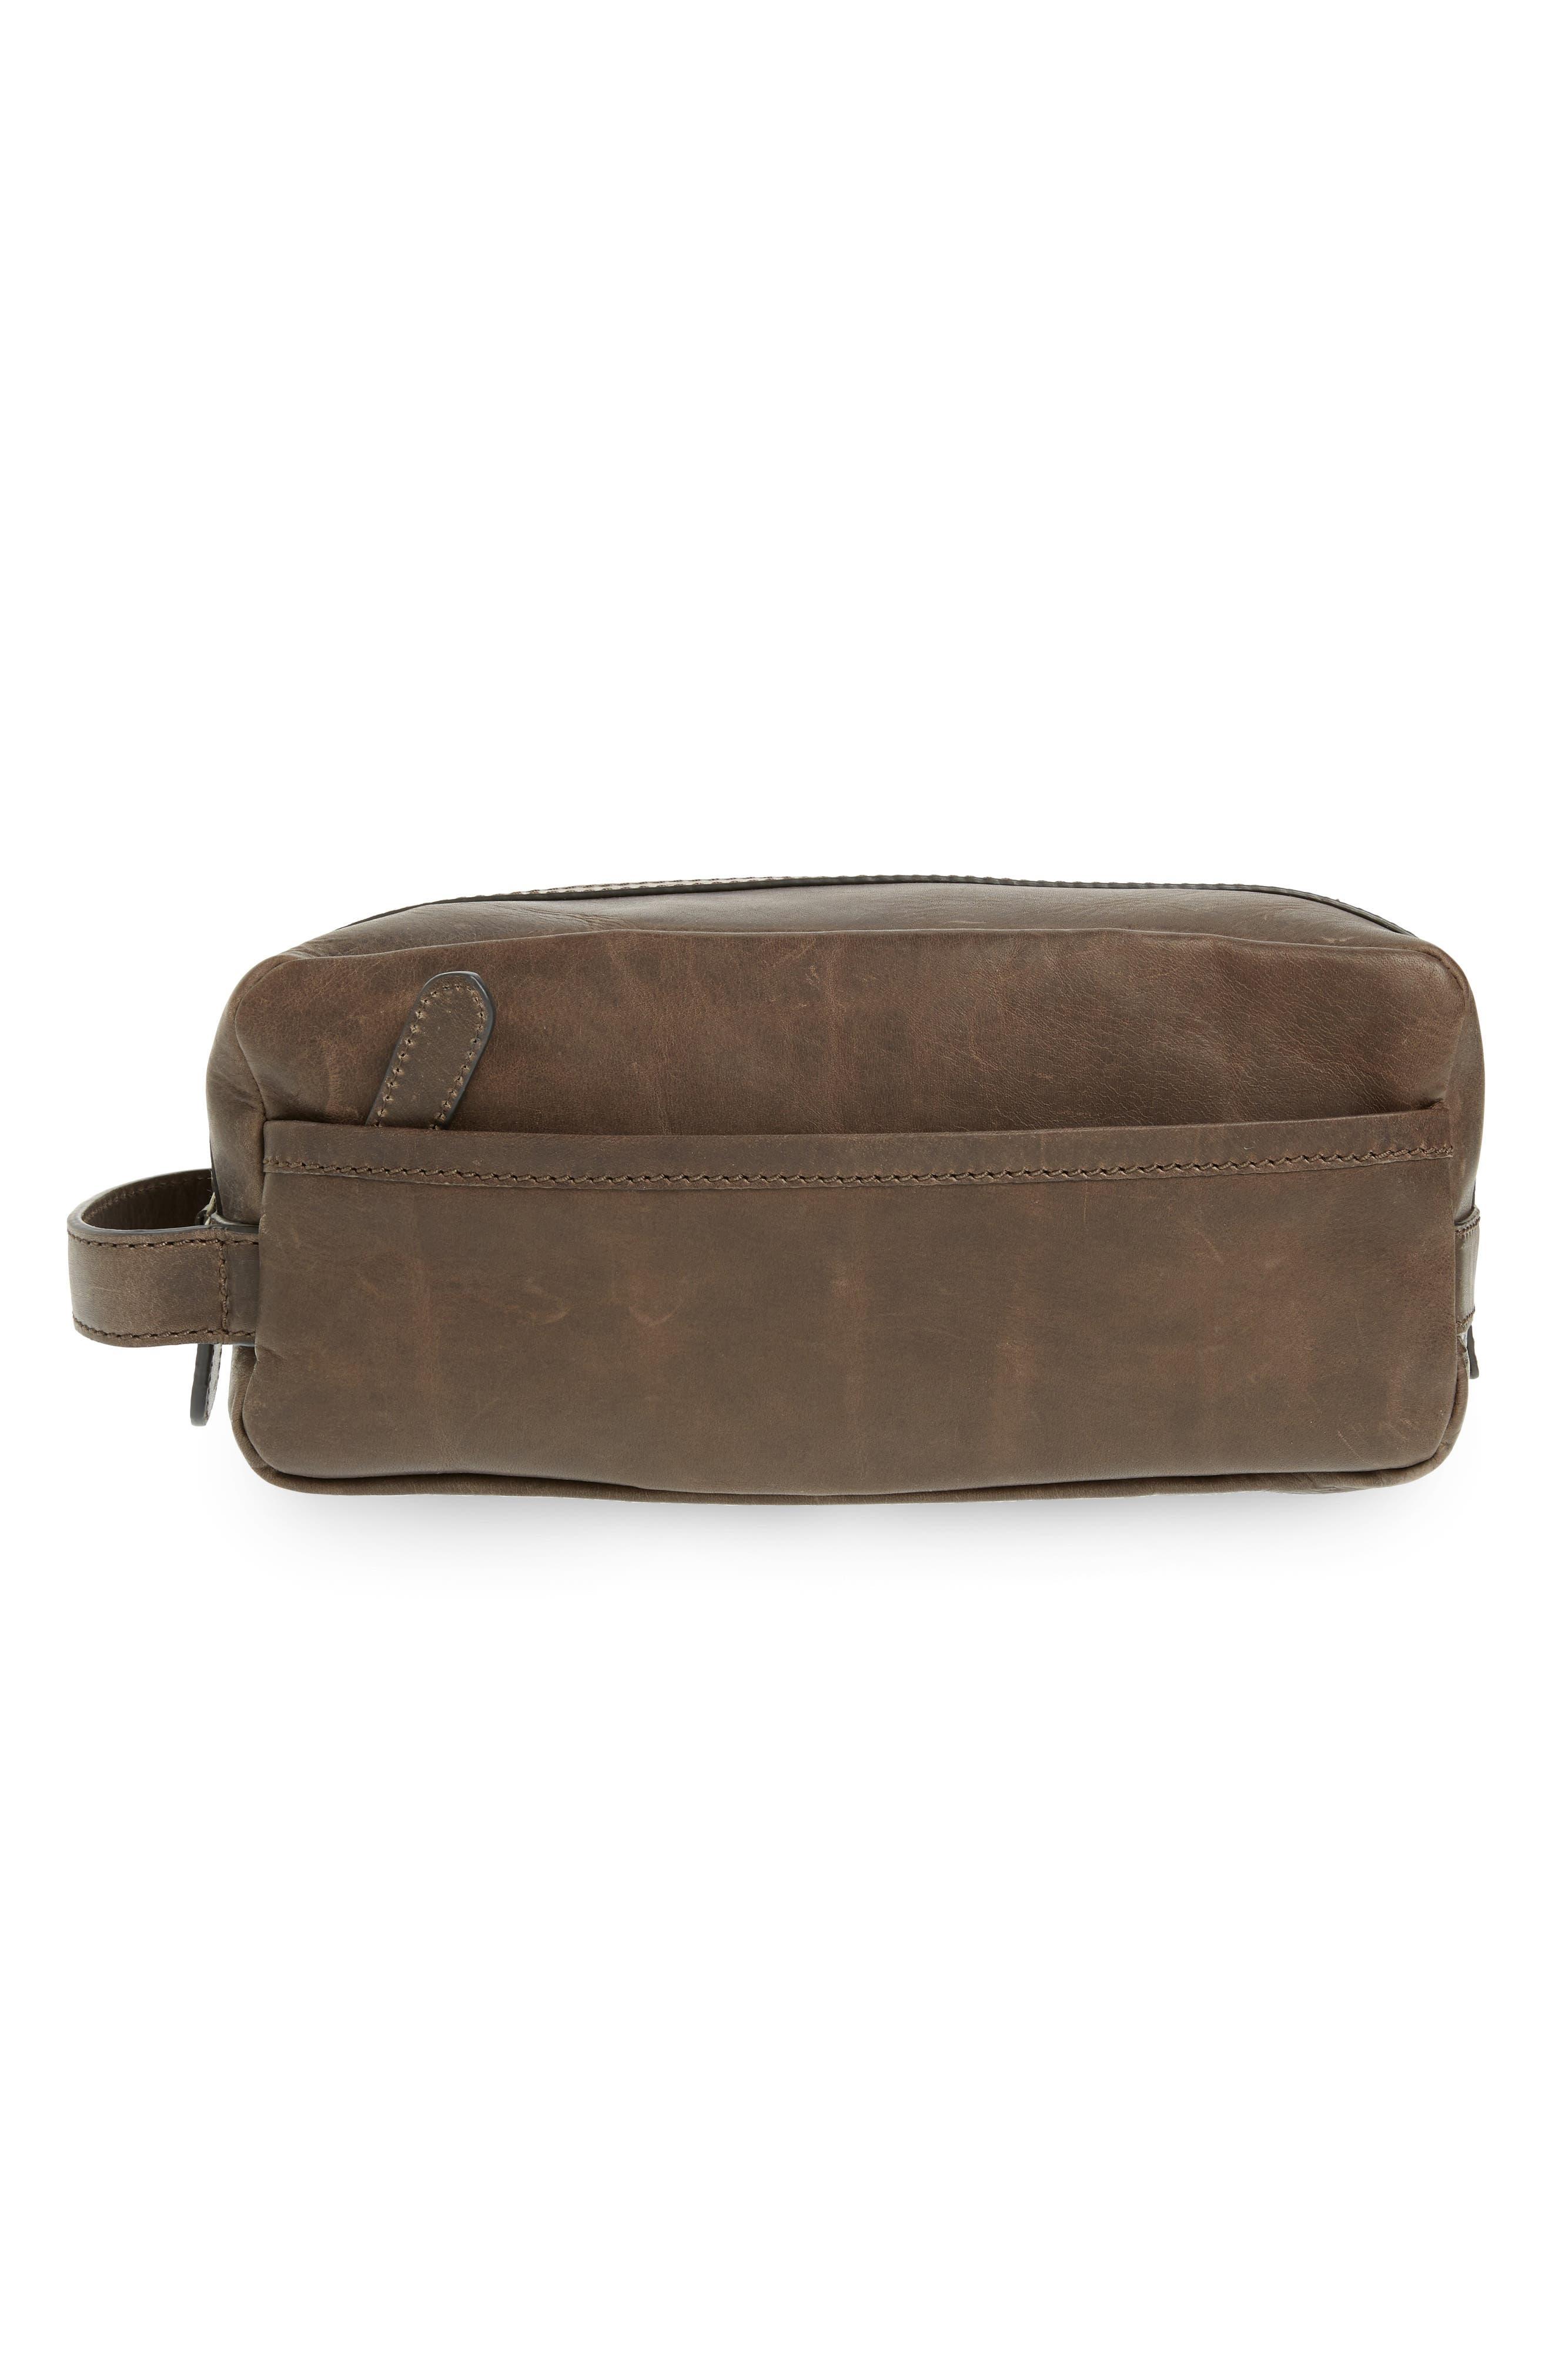 FRYE, 'Logan' Leather Travel Kit, Main thumbnail 1, color, SLATE